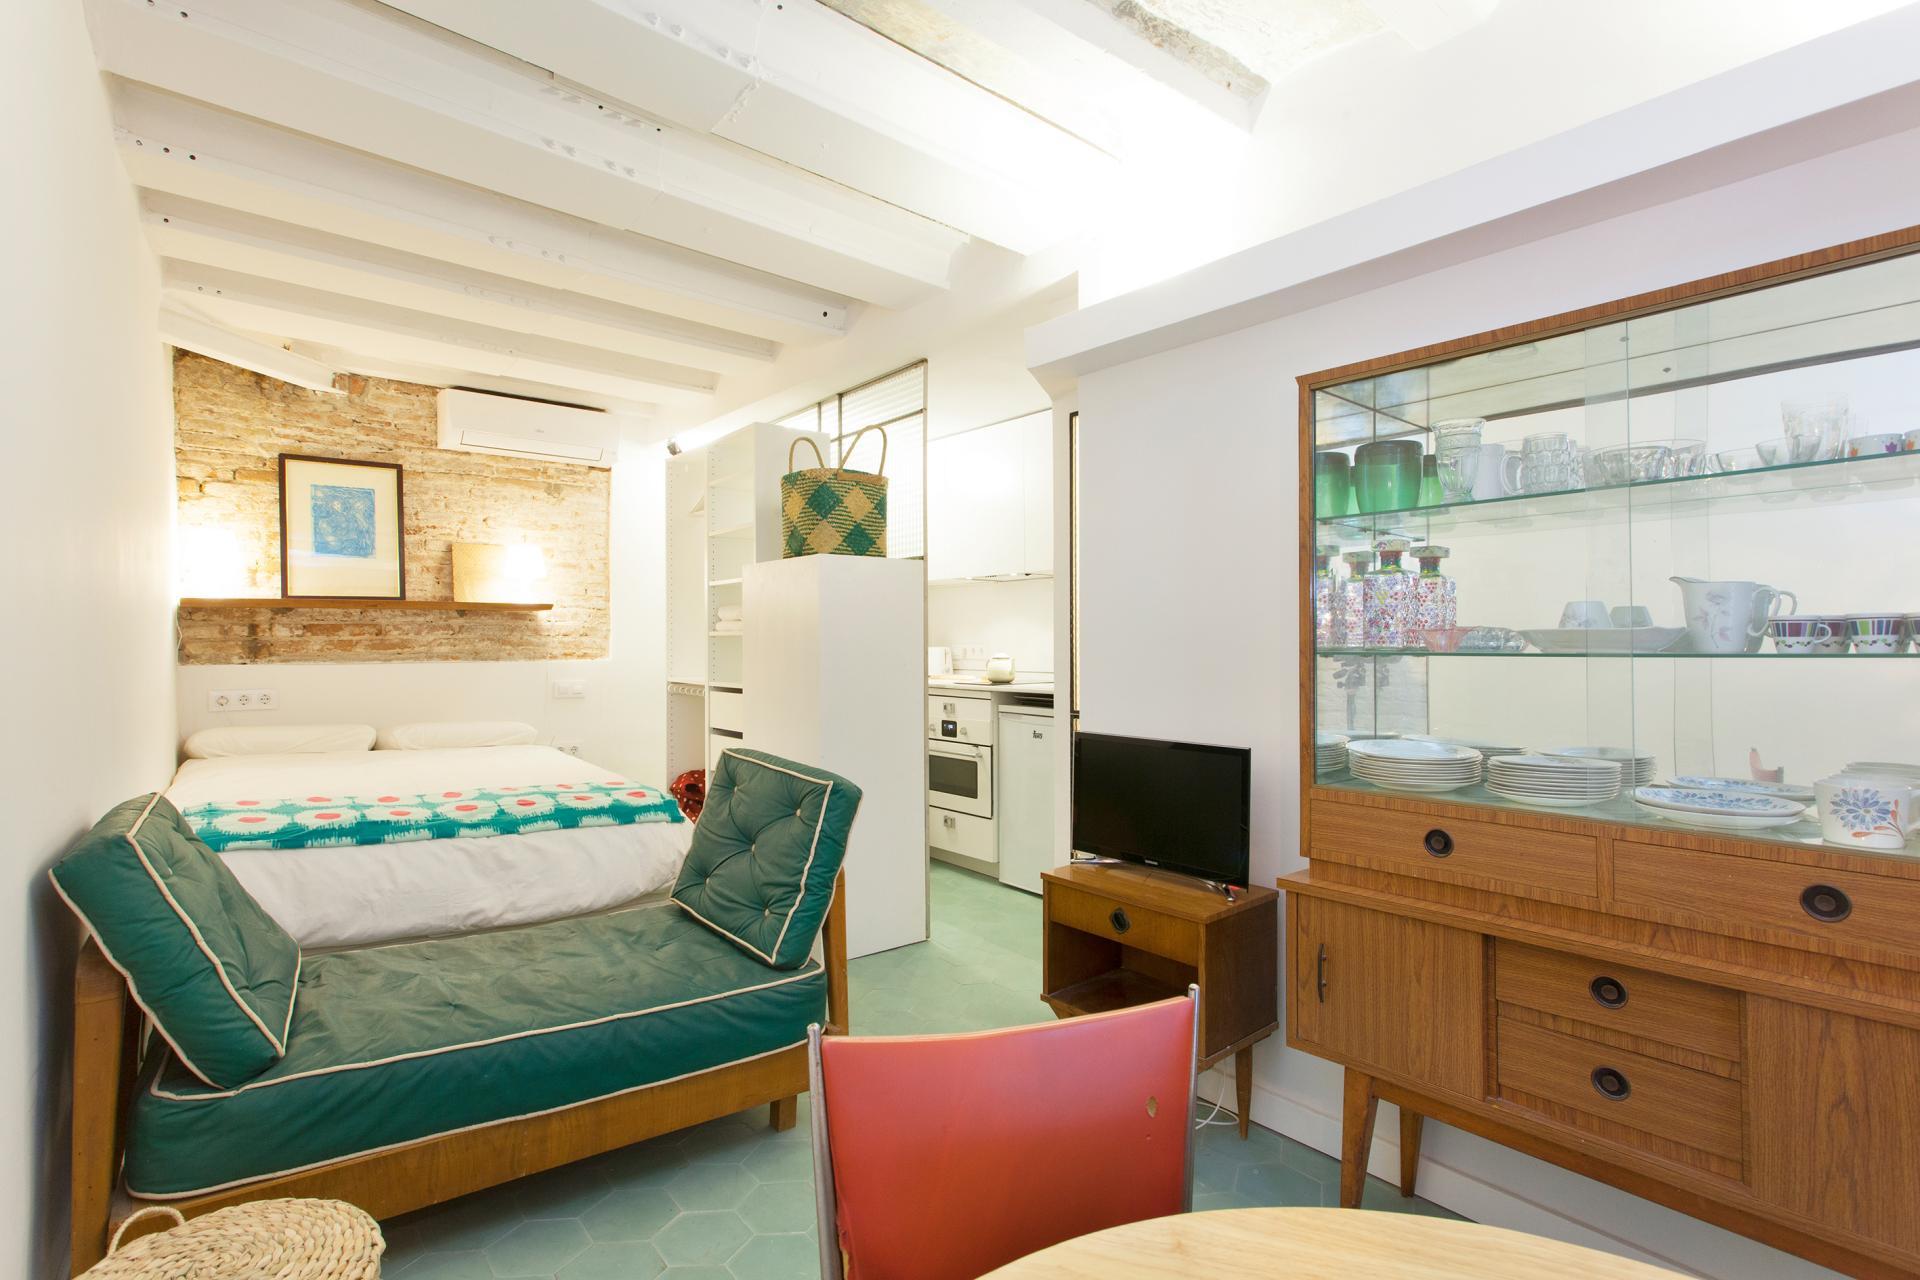 Shbarcelona alquiler loft por temporadas mensuales el born - Alquiler piso por meses barcelona ...